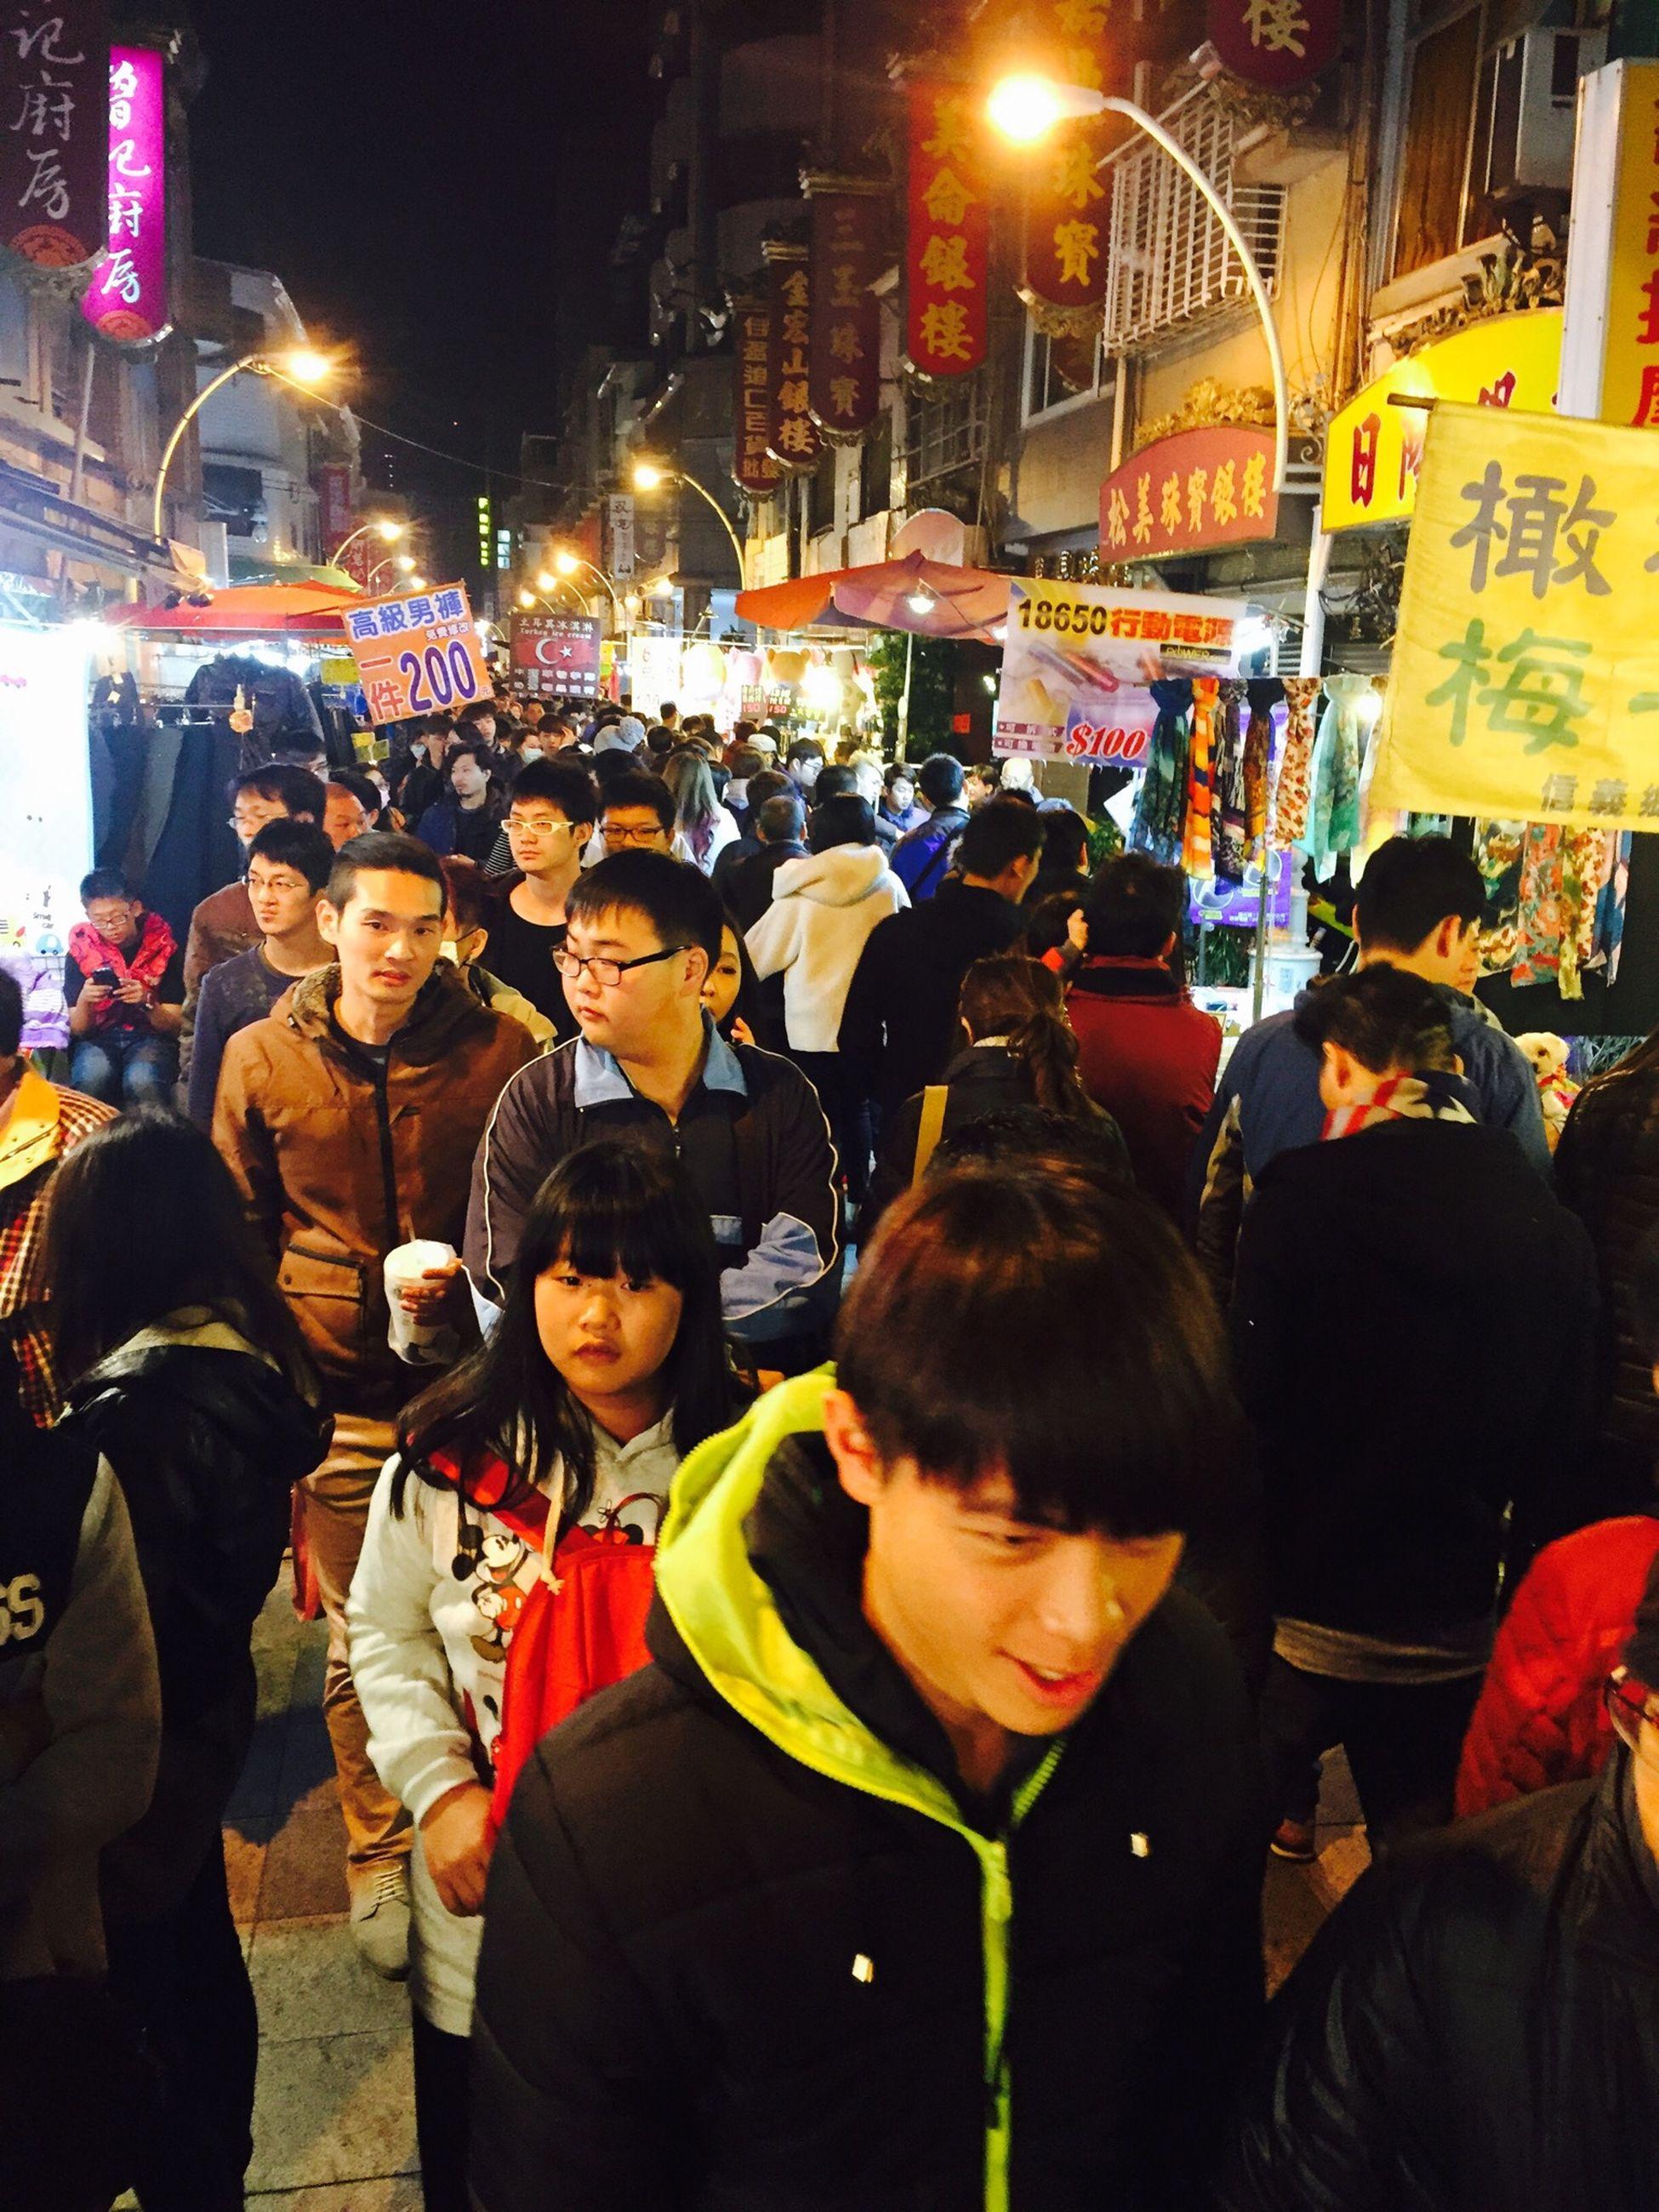 一年一次的新樂街 春節限定版 就是要人擠人啊!